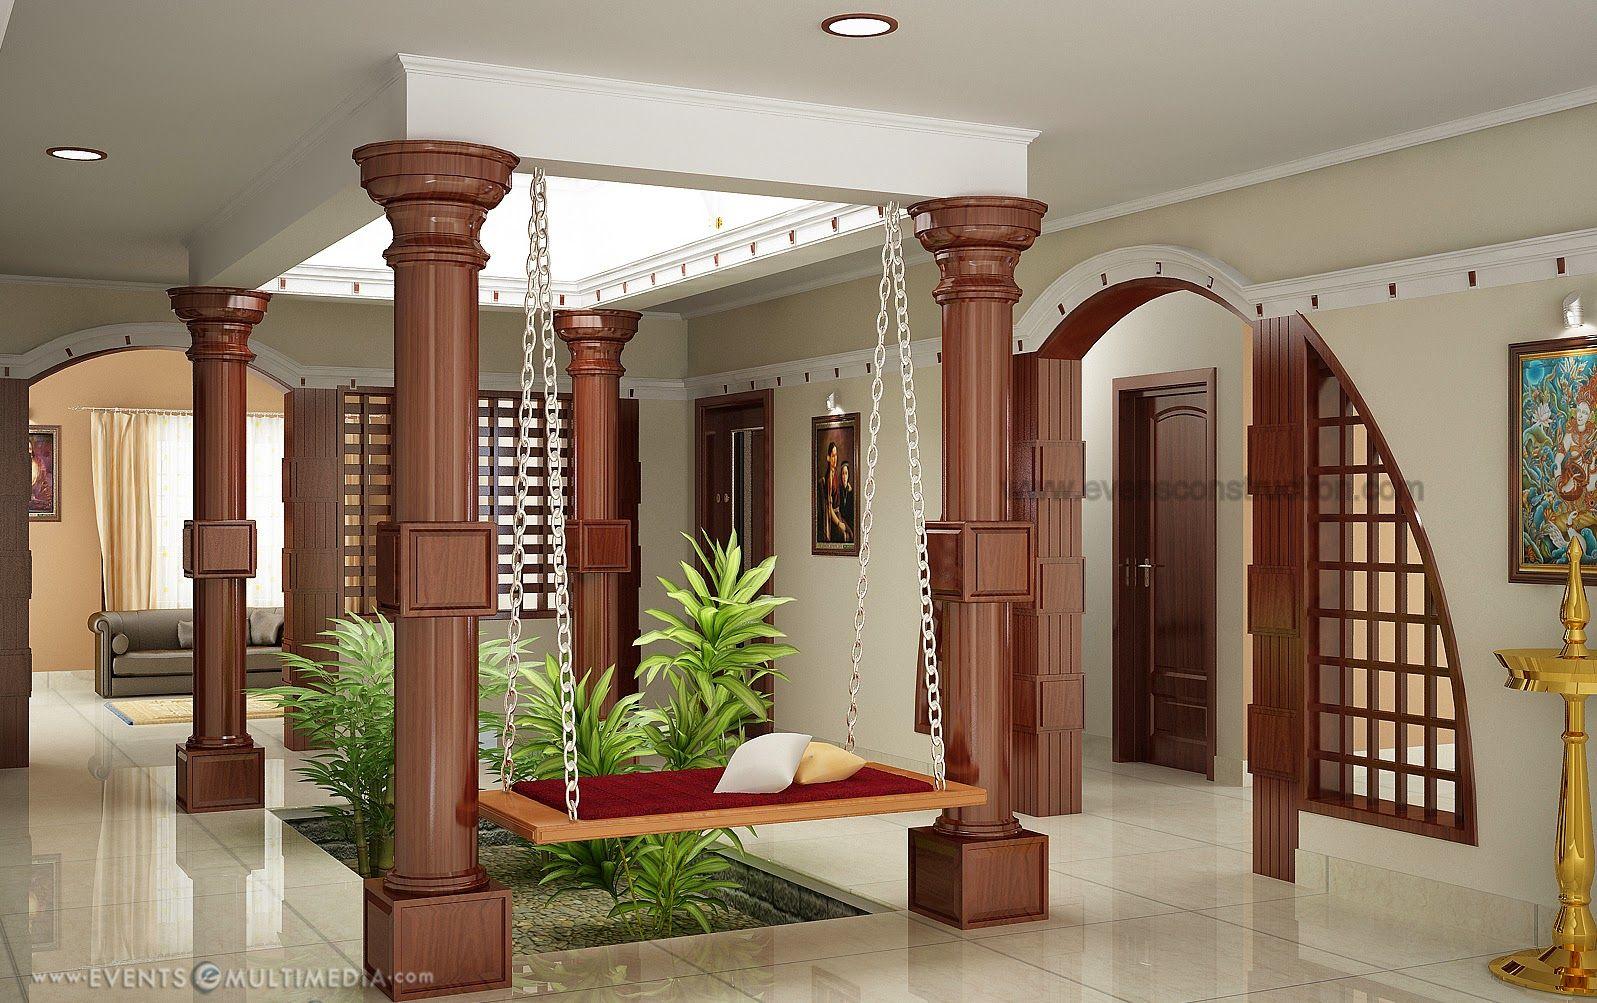 kerala small house design photos Home Design 10+ Kerala Small House Design Photos Background